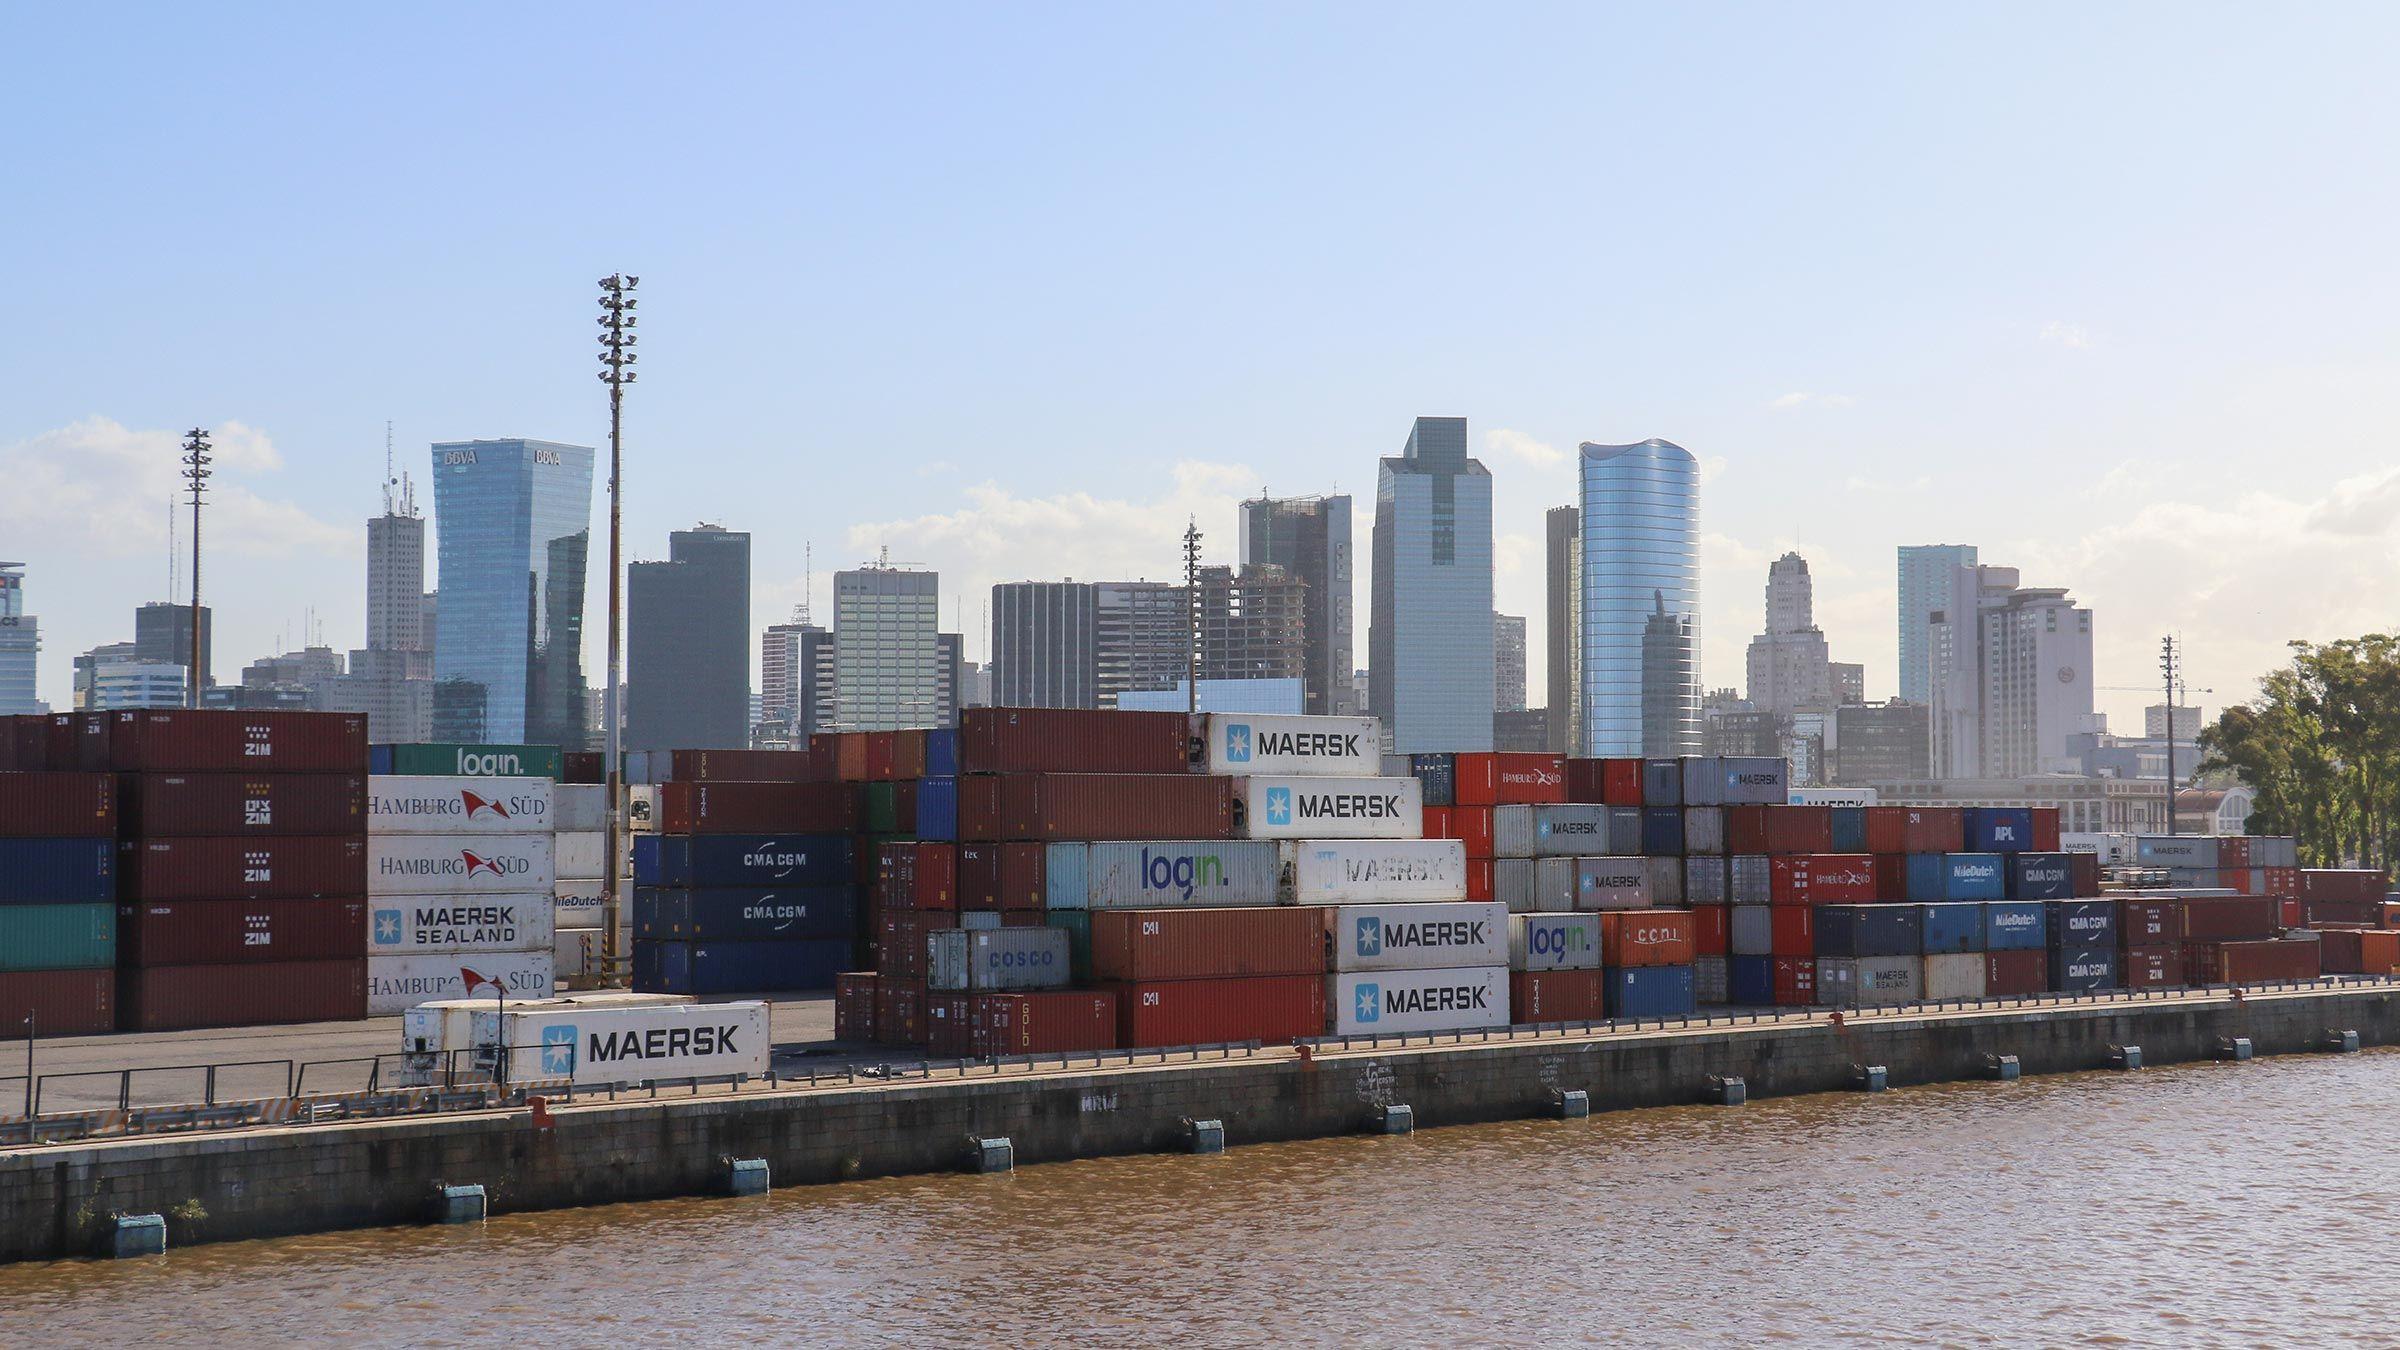 Containers at Rio Del La Plata, Argentina